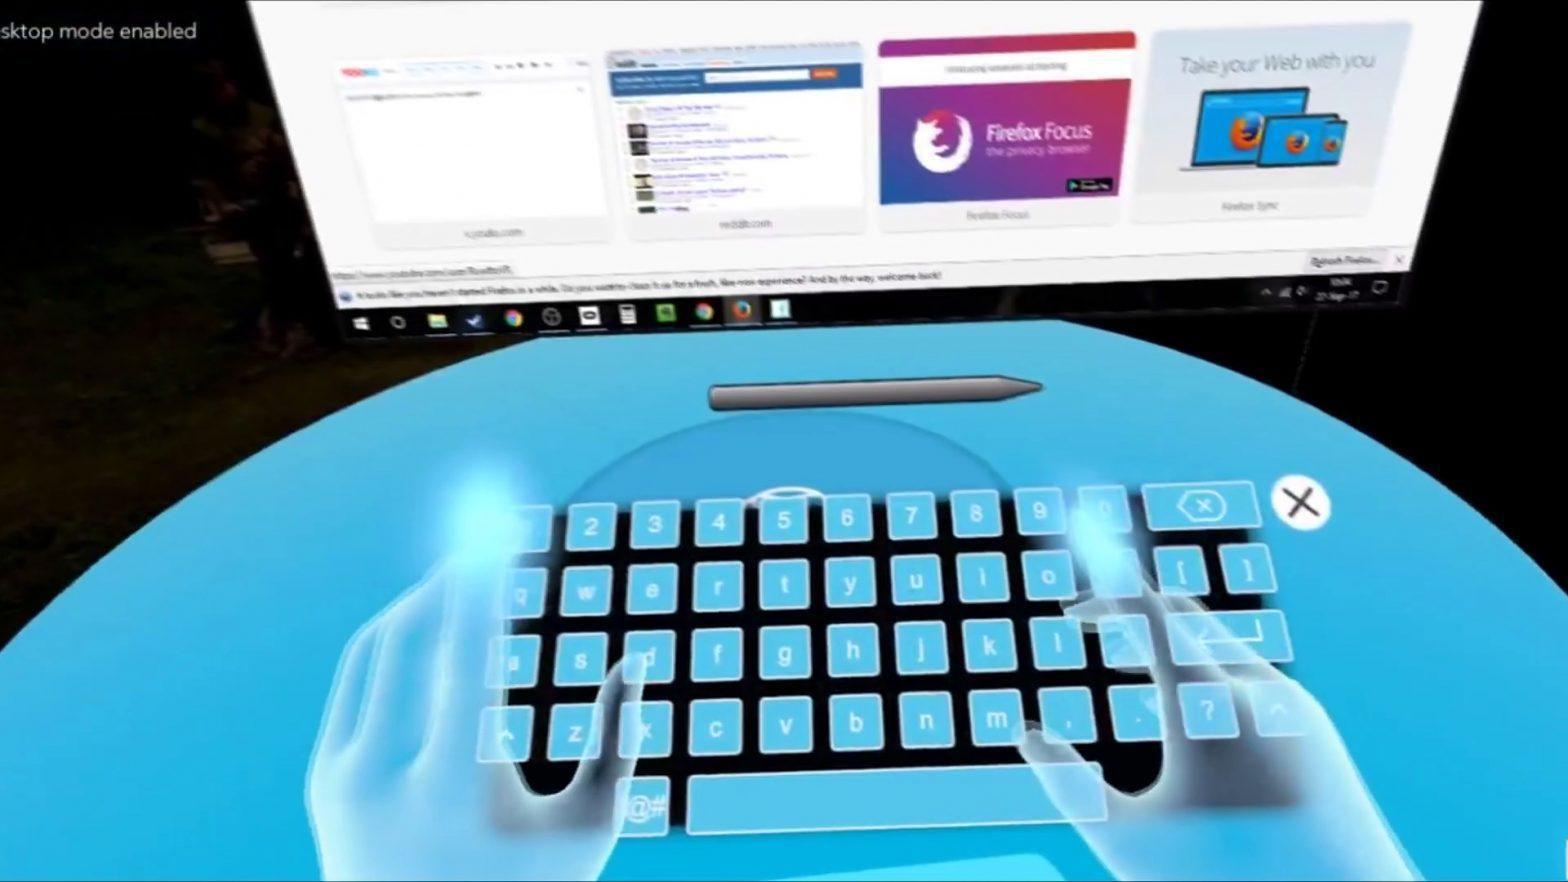 Le modèle de mouvement de Facebook voit les frappes dans l'espace 3D